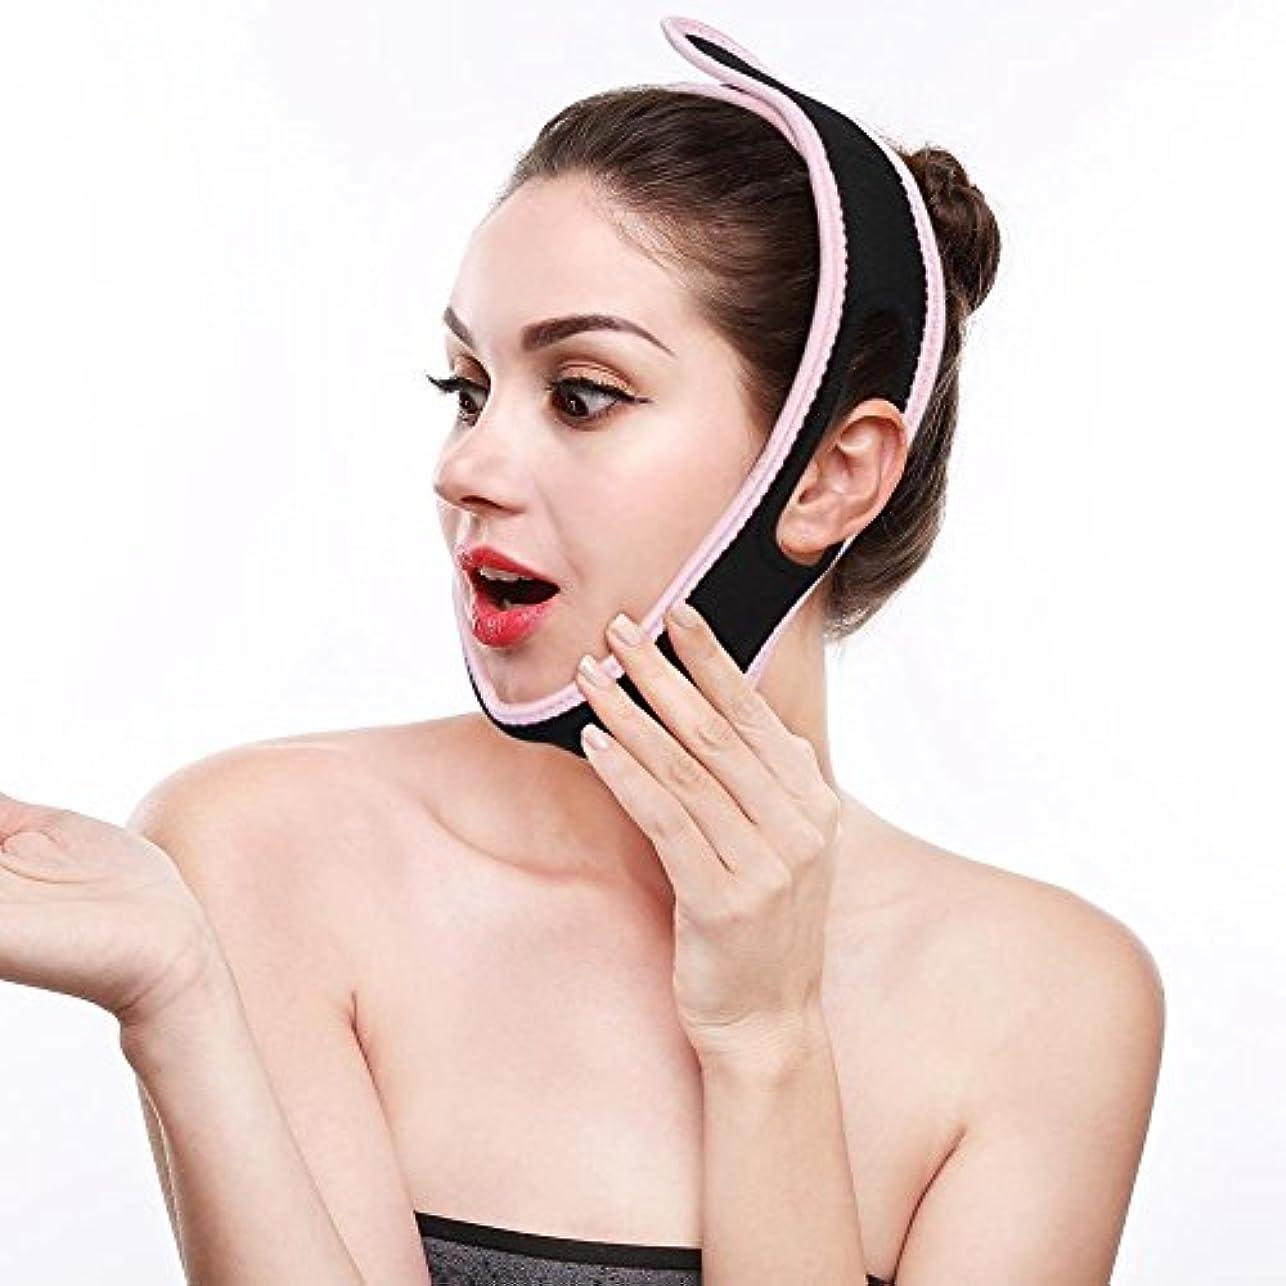 薄める中絶グレートオーク顔フェイスリフティング包帯ベルトチンチークスリムリフトアップアンチリンクルマスク超薄型Vフェイスラインベルトストラップバンド